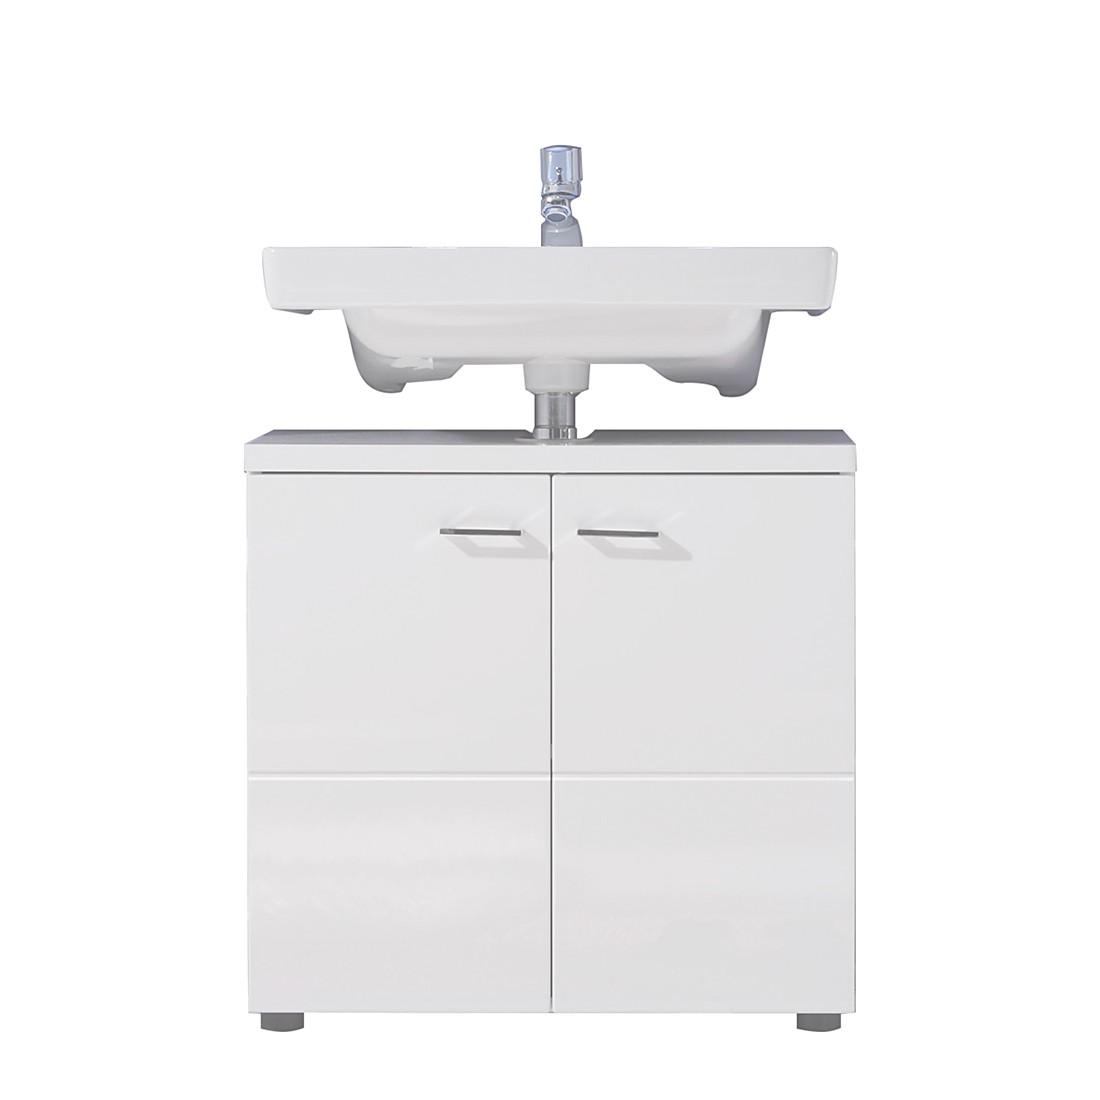 Badezimmer-Set STORM LIGHT - Weiß Hochglanz